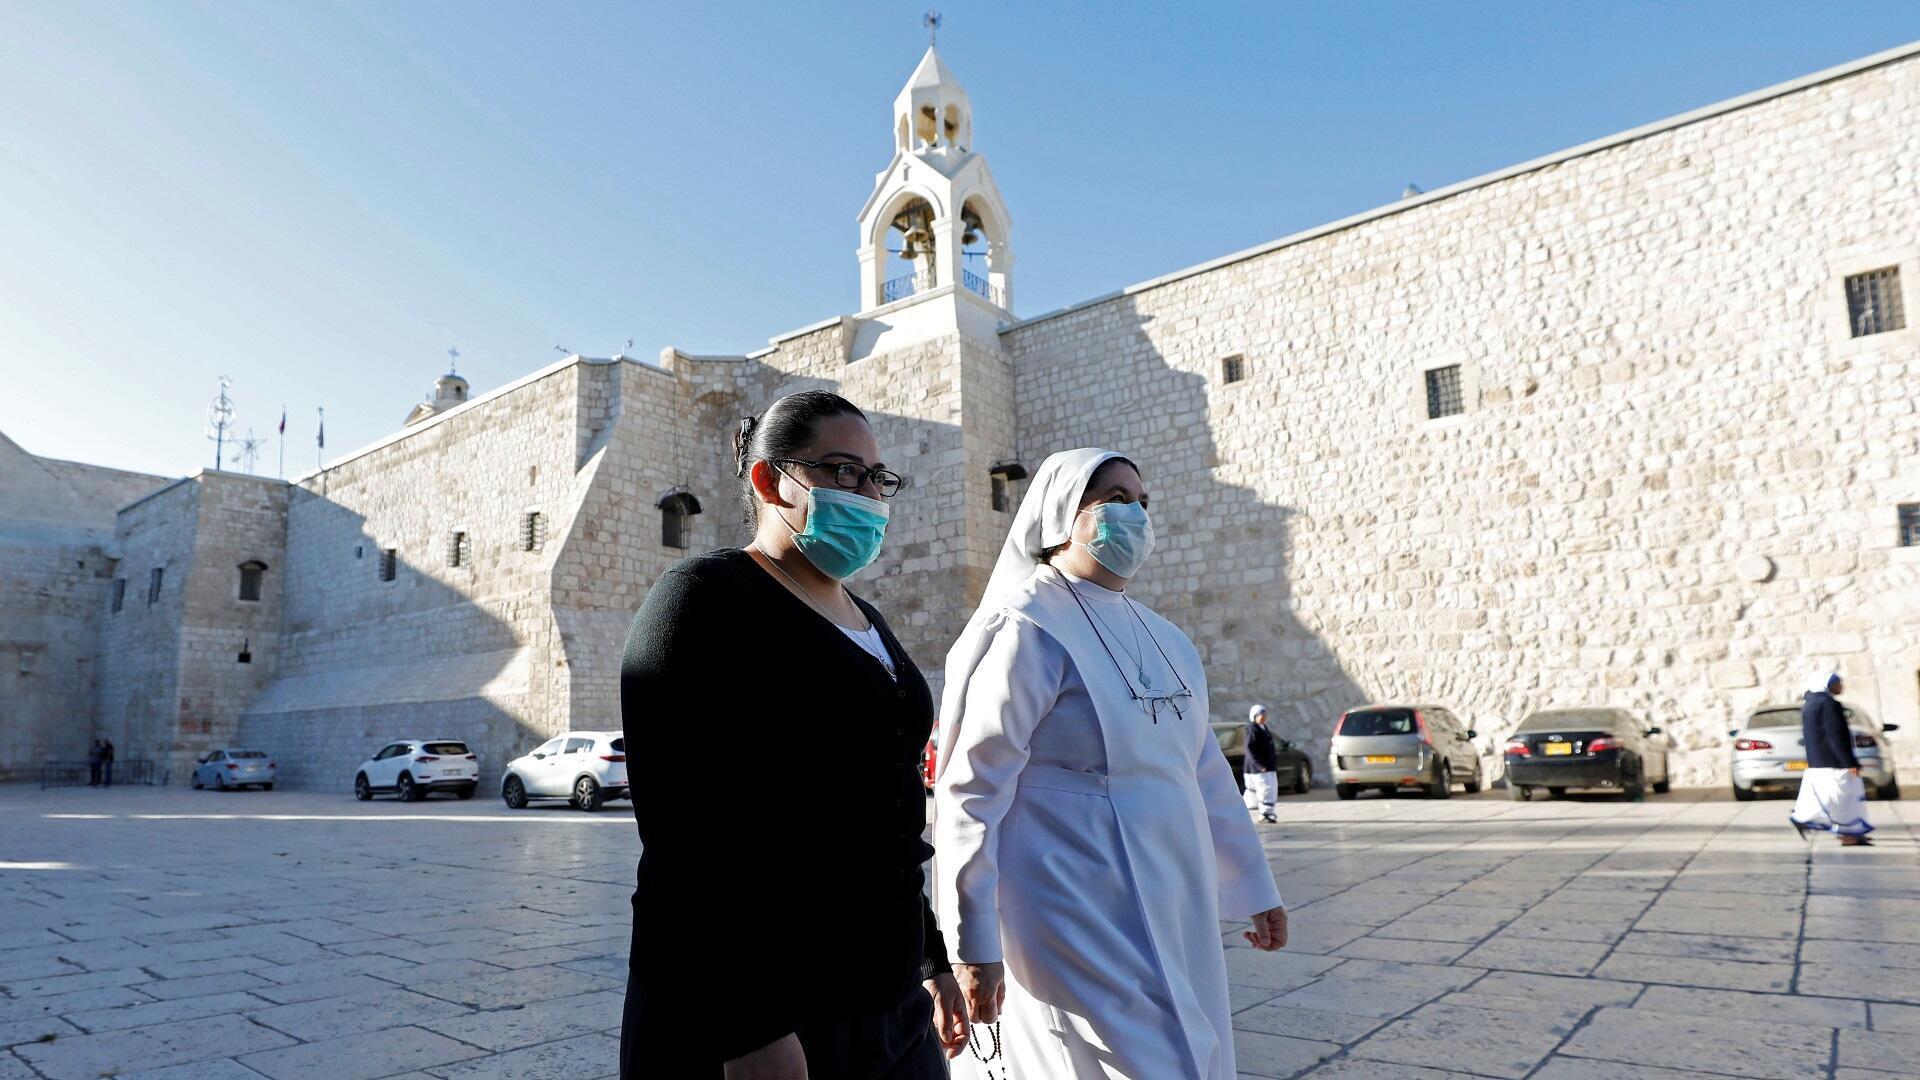 راهبة مسيحية وسيدة ترتديان كمامتين وتمران أمام كنيسة المهد في بيت لحم بالضفة الغربية، 26 مايو/أيار 2020.